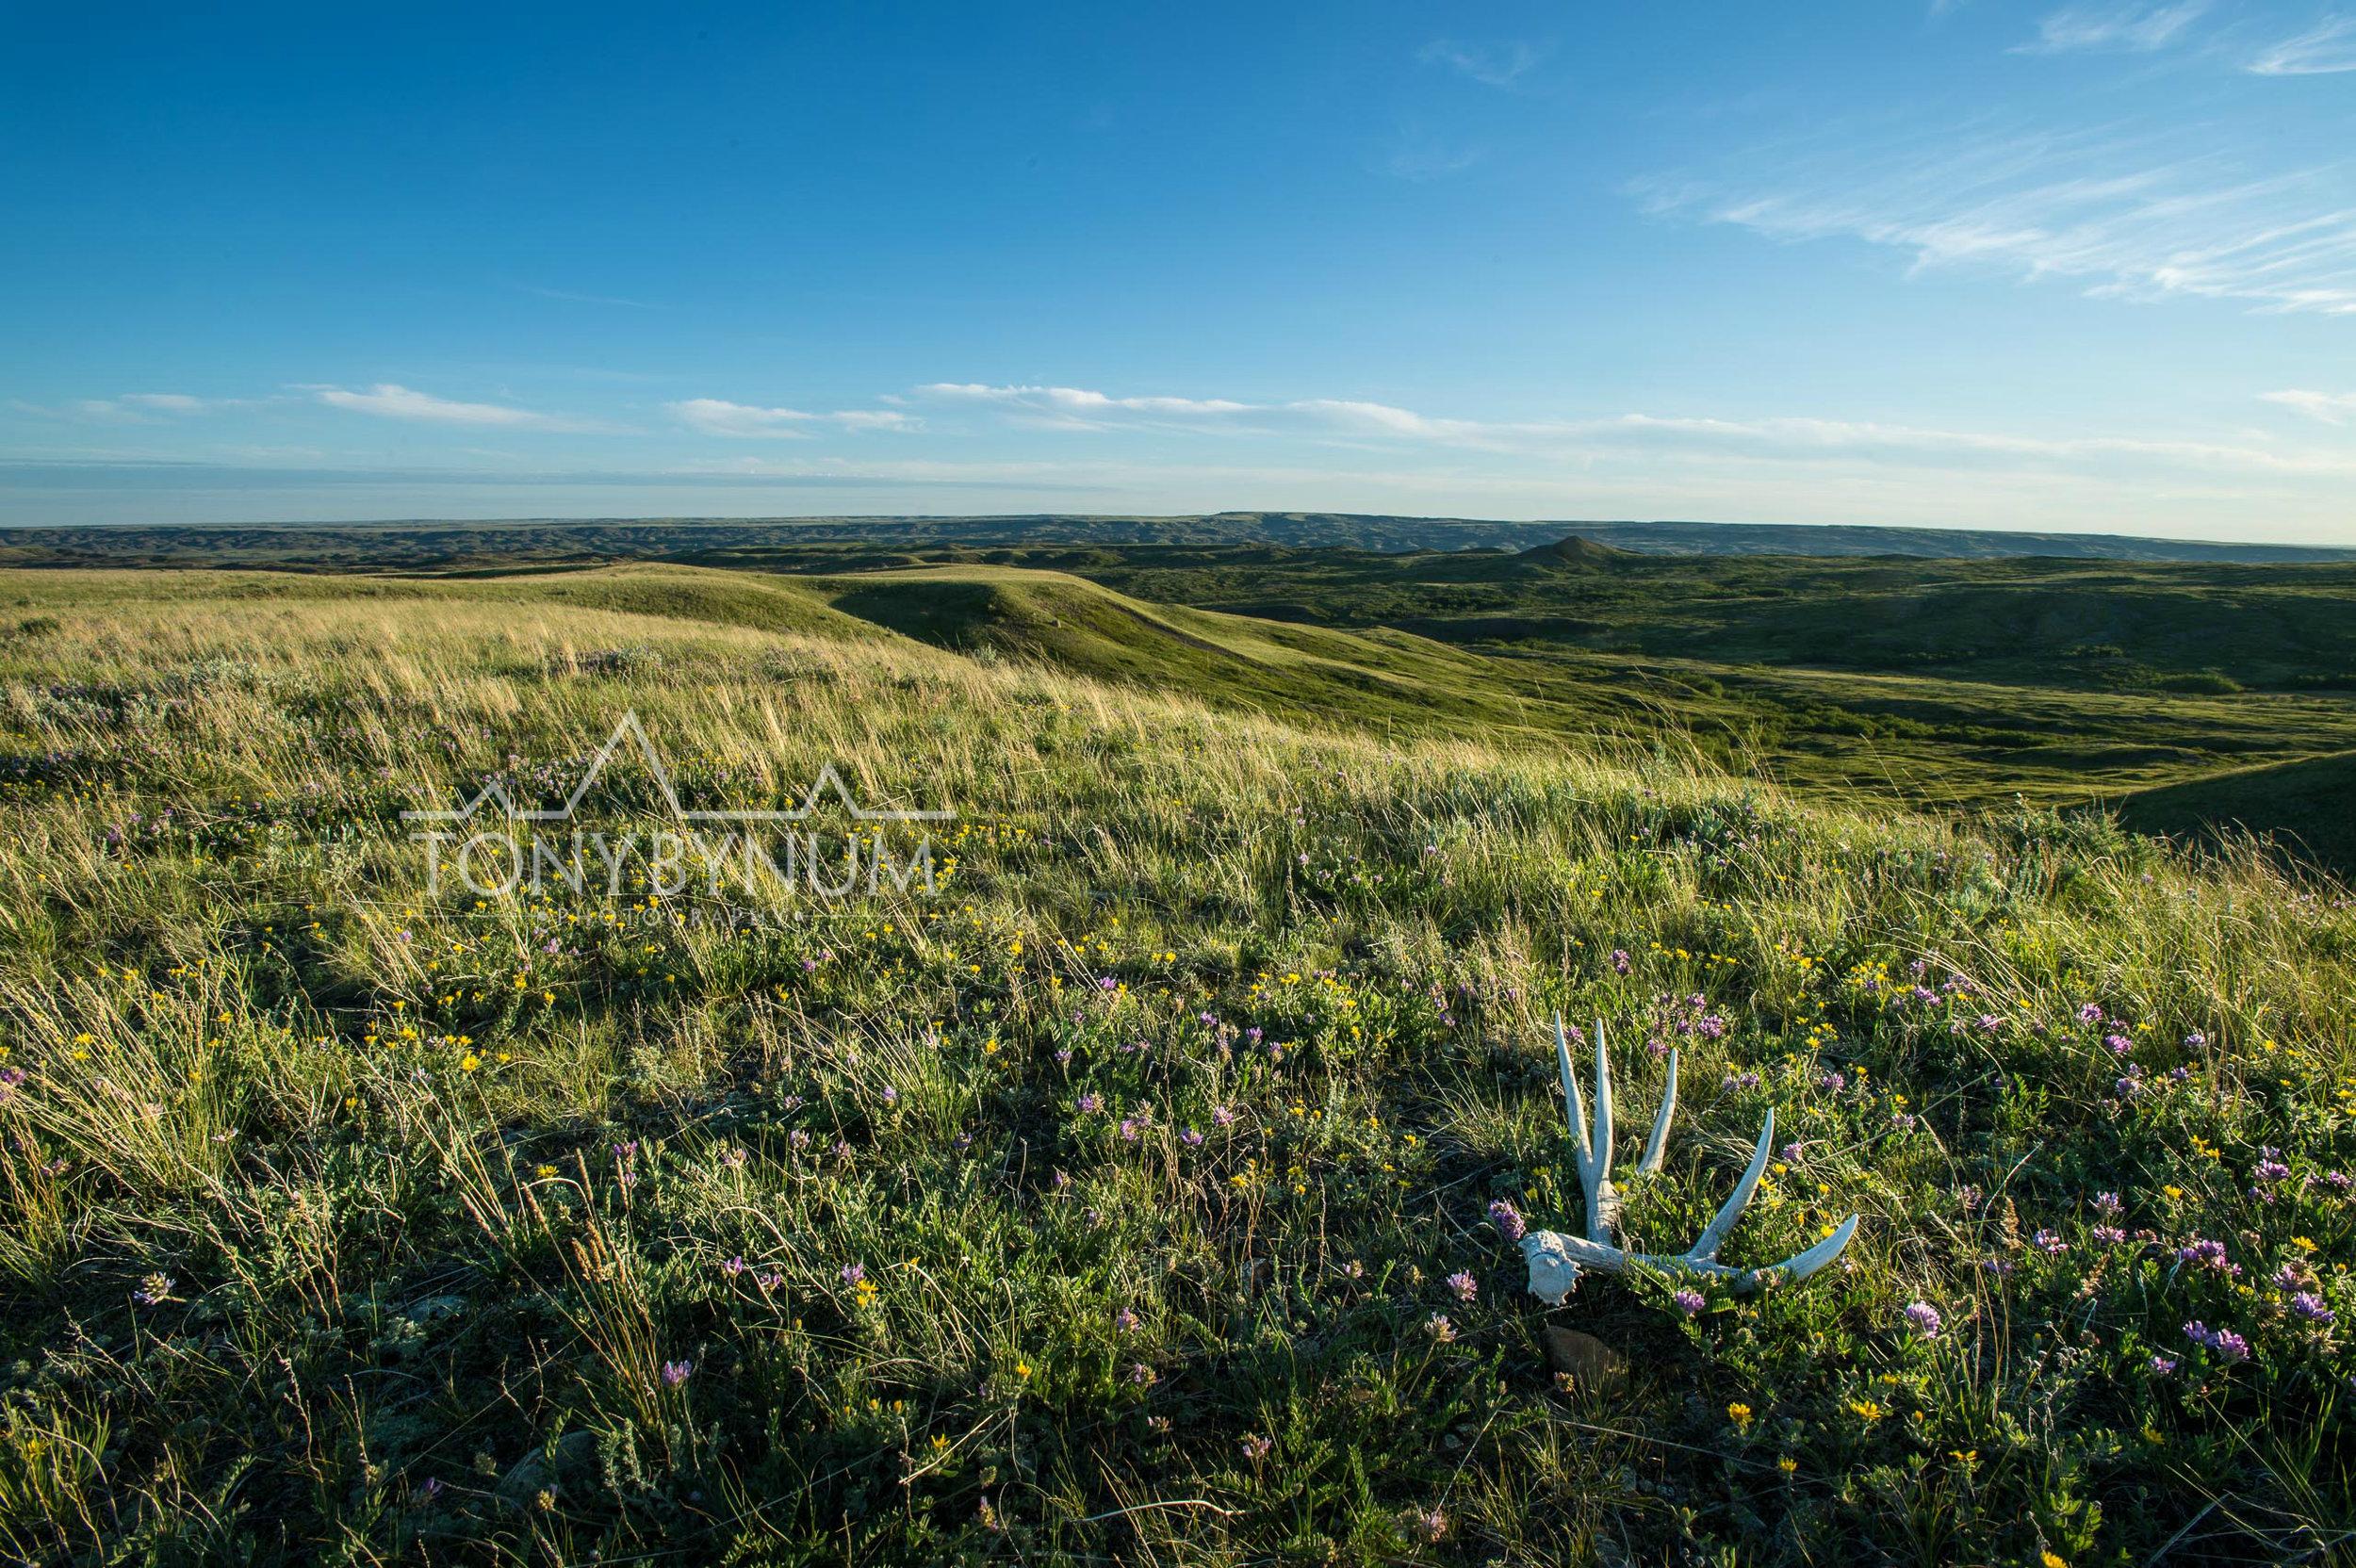 mule deer skull Montana prairie